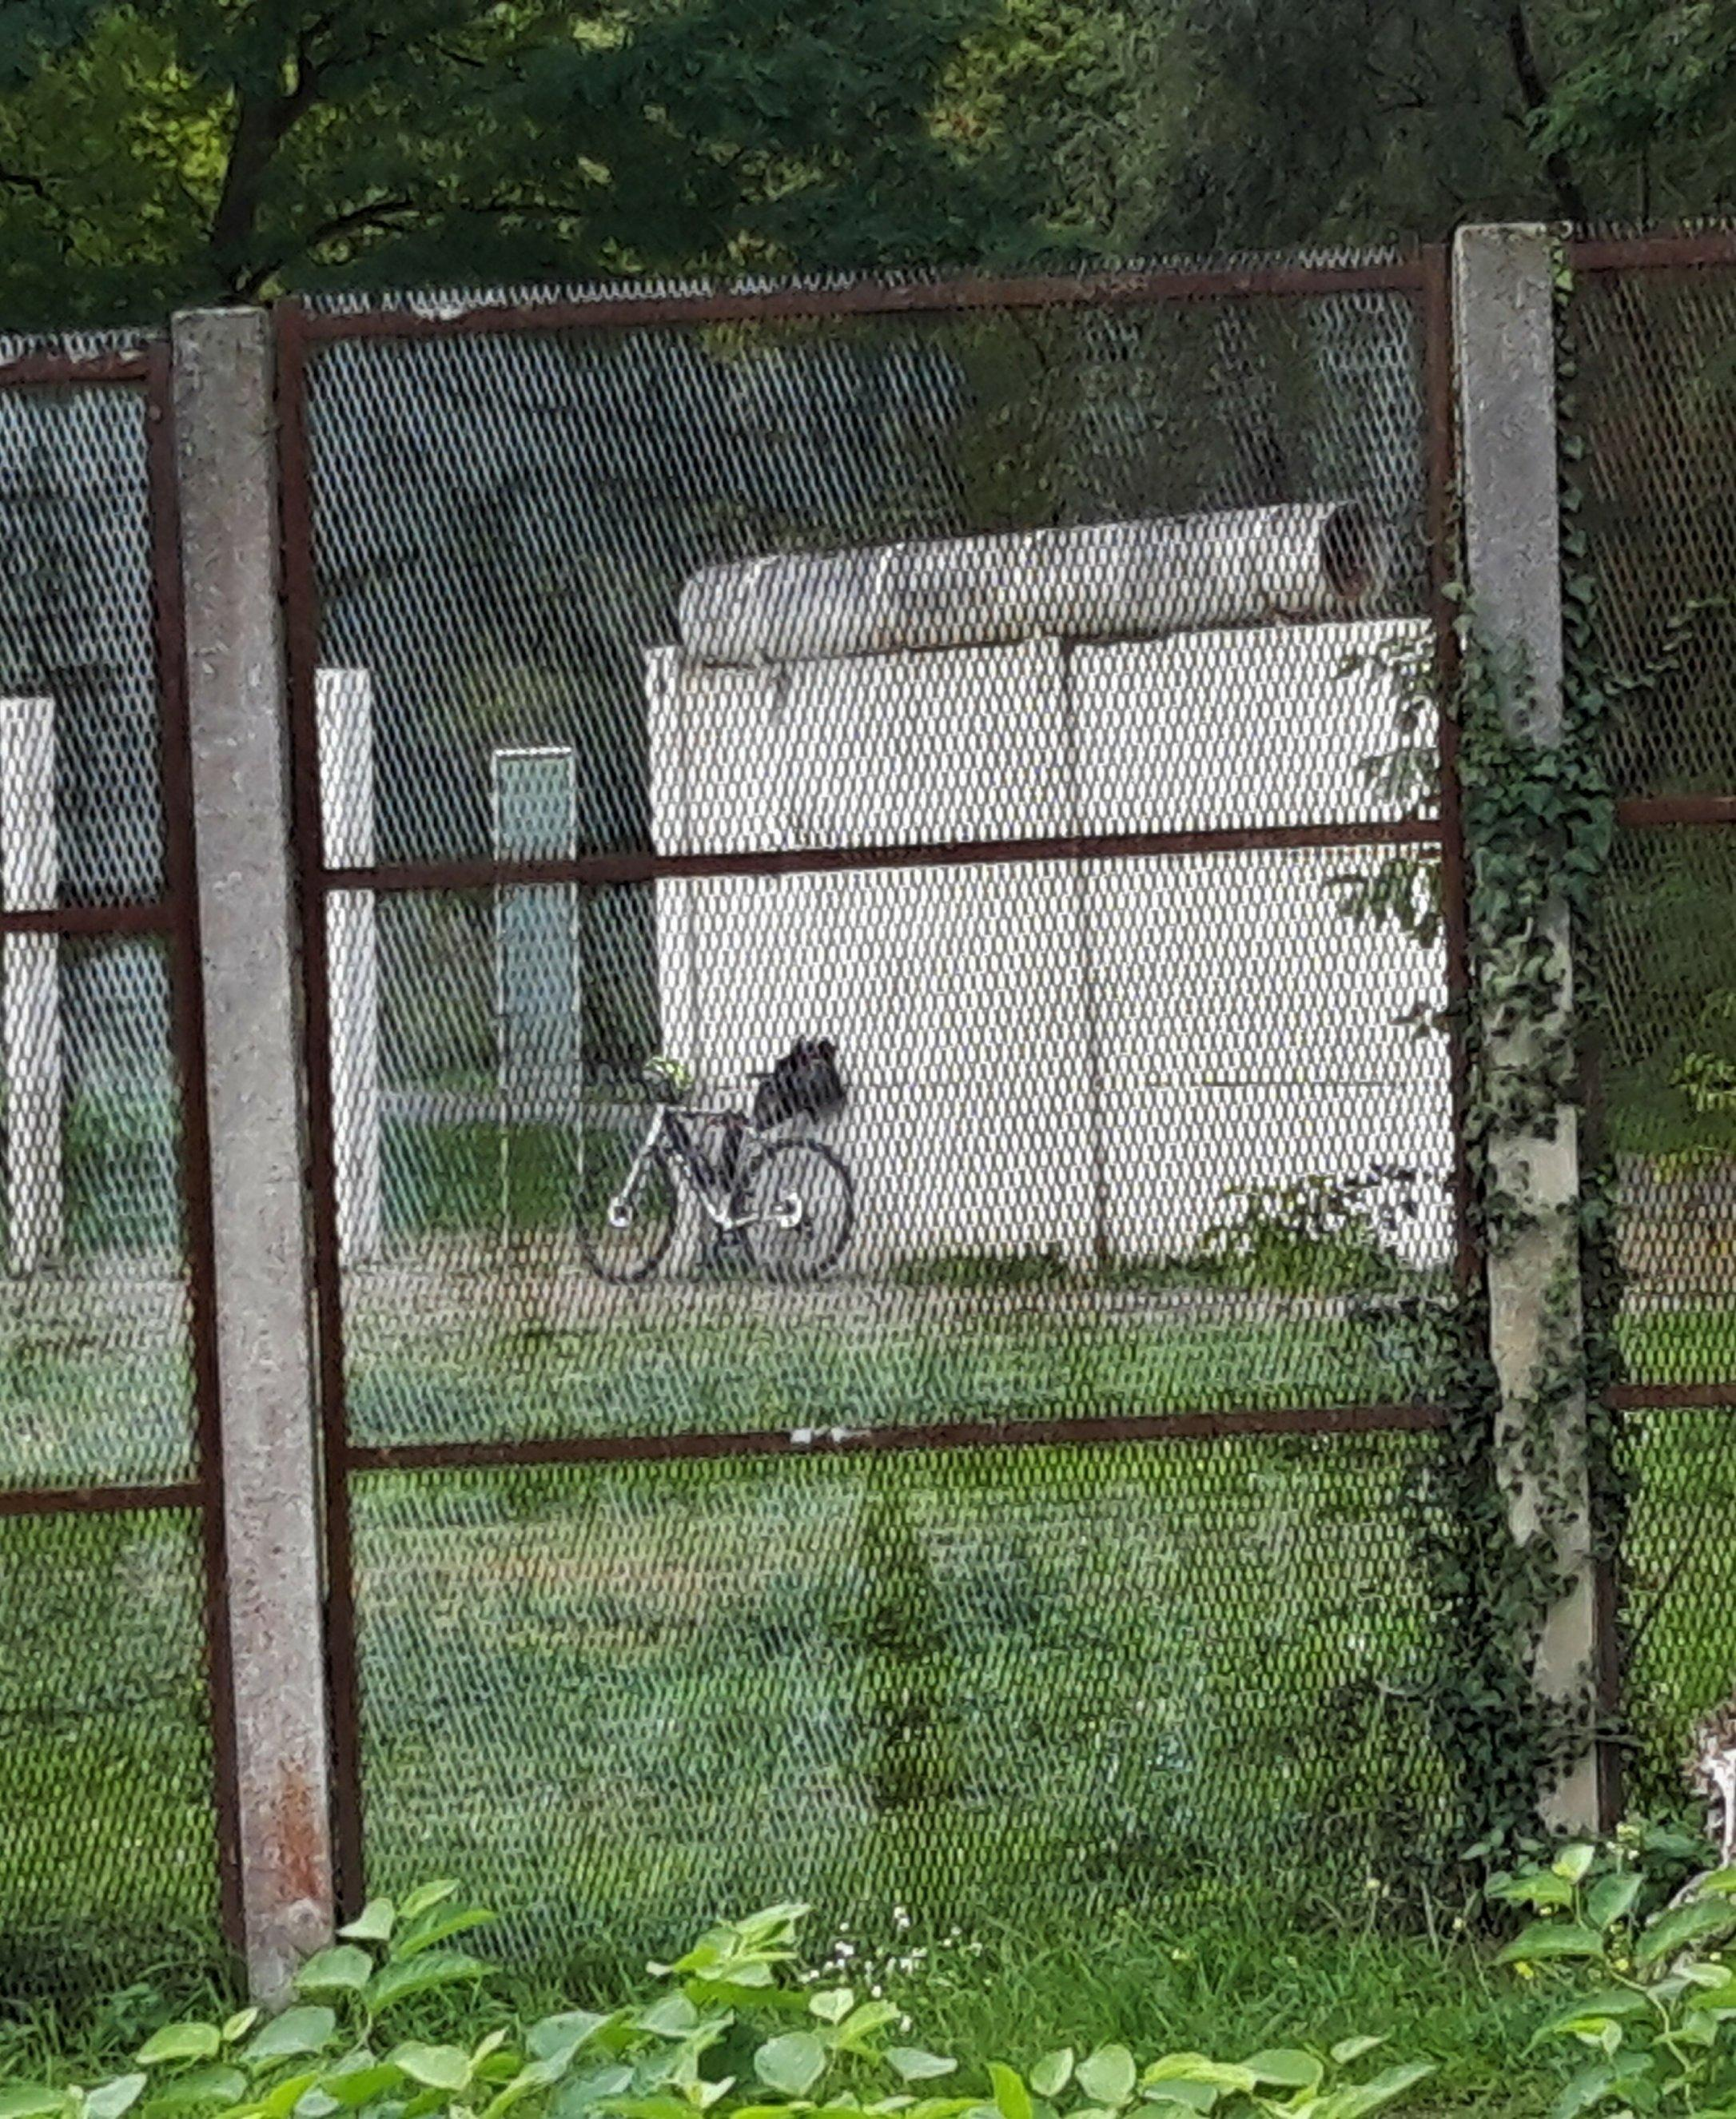 Im Hintergrund lehnt das Rad des RadelndenReporters an einem Überbleibsel der Berliner Mauer.